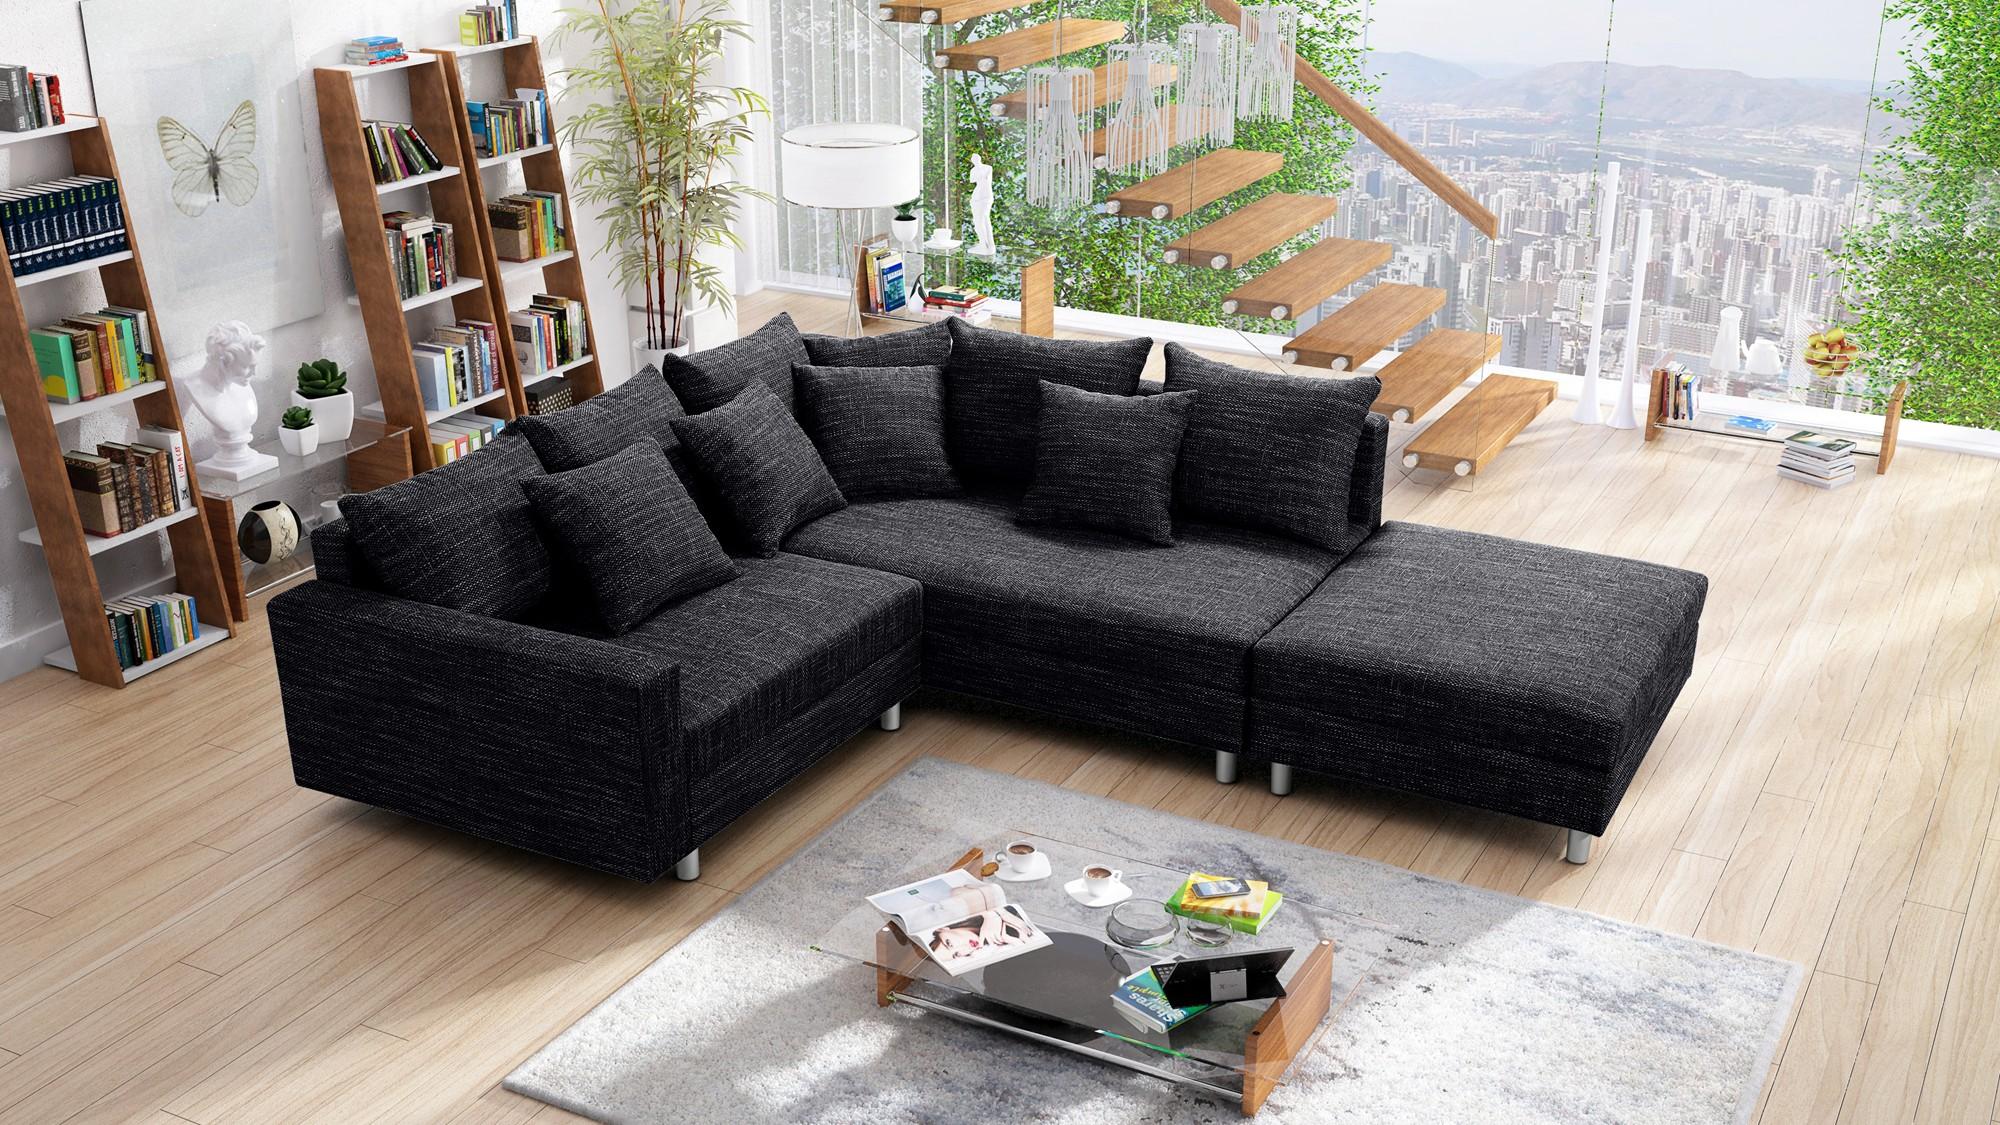 Full Size of Modernes Sofa Couch Ecksofa Eckcouch In Gewebestoff Schwarz Mit Zweisitzer Polsterreiniger Hannover Leinen Bett 180x200 Mondo Polster 2 5 Sitzer Modulares Hay Sofa Modernes Sofa